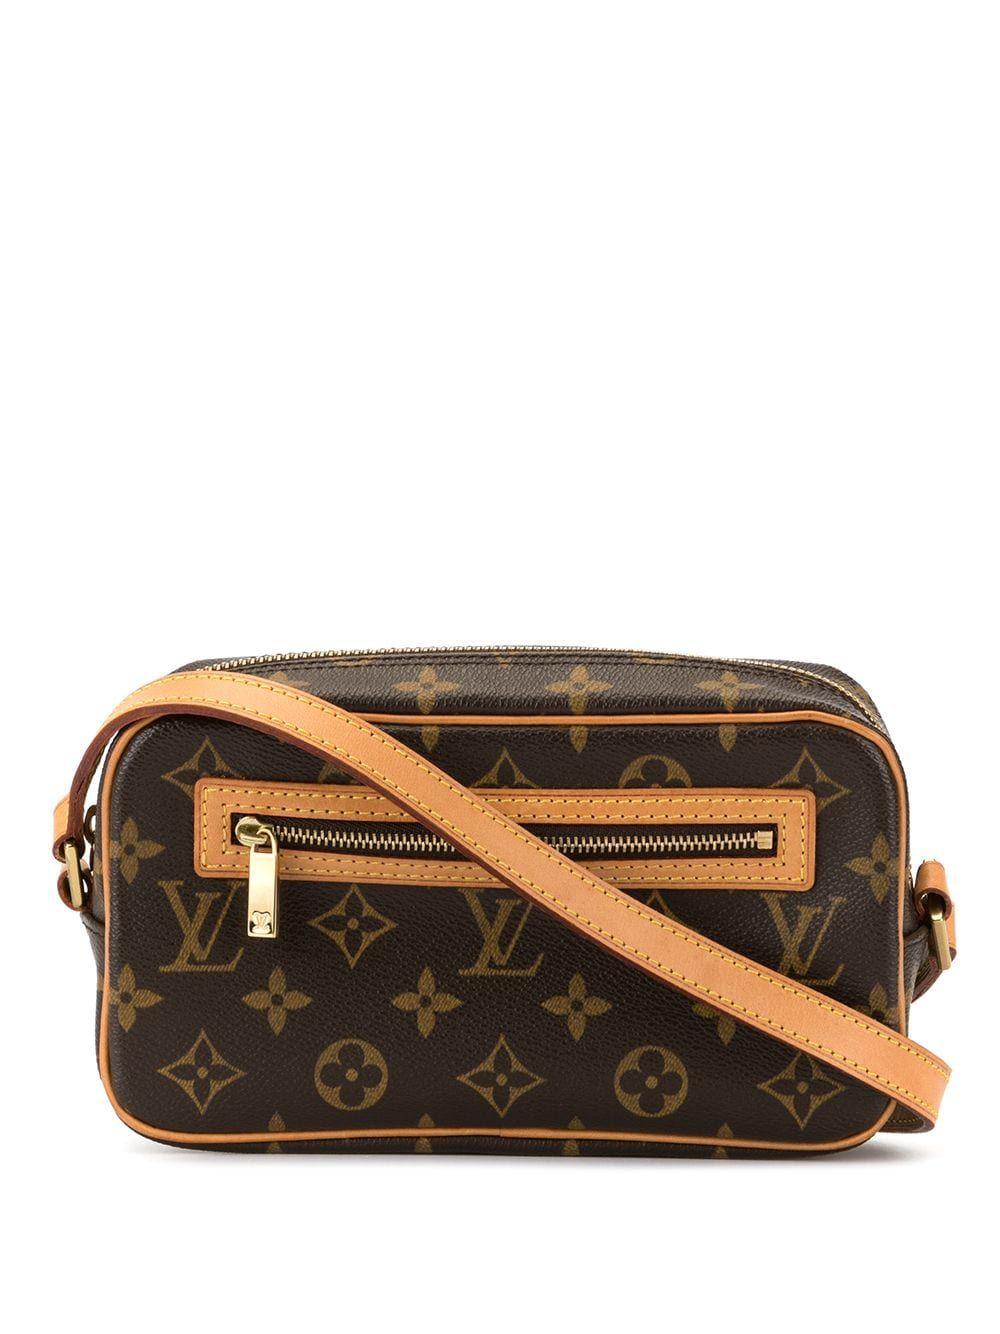 Louis Vuitton Pre Owned Cite Shoulder Bag Brown Louis Vuitton Shoulder Bag Louis Vuitton Shoulder Bag